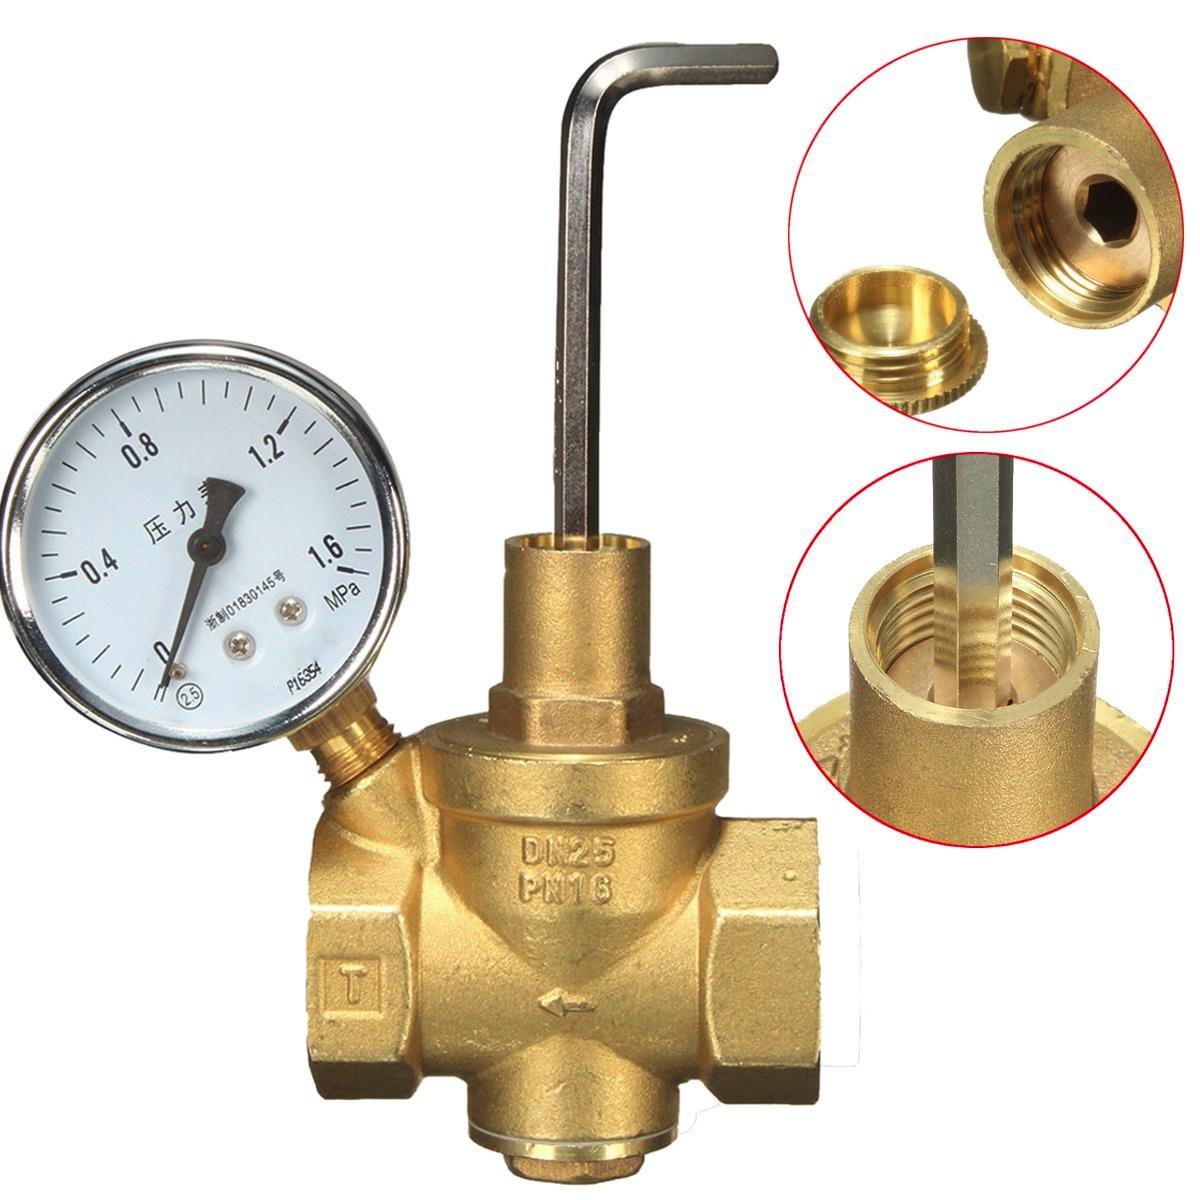 DN25 Brass Water Pressure Reducing Valve+Gauge Pressure Gauge Water Flow